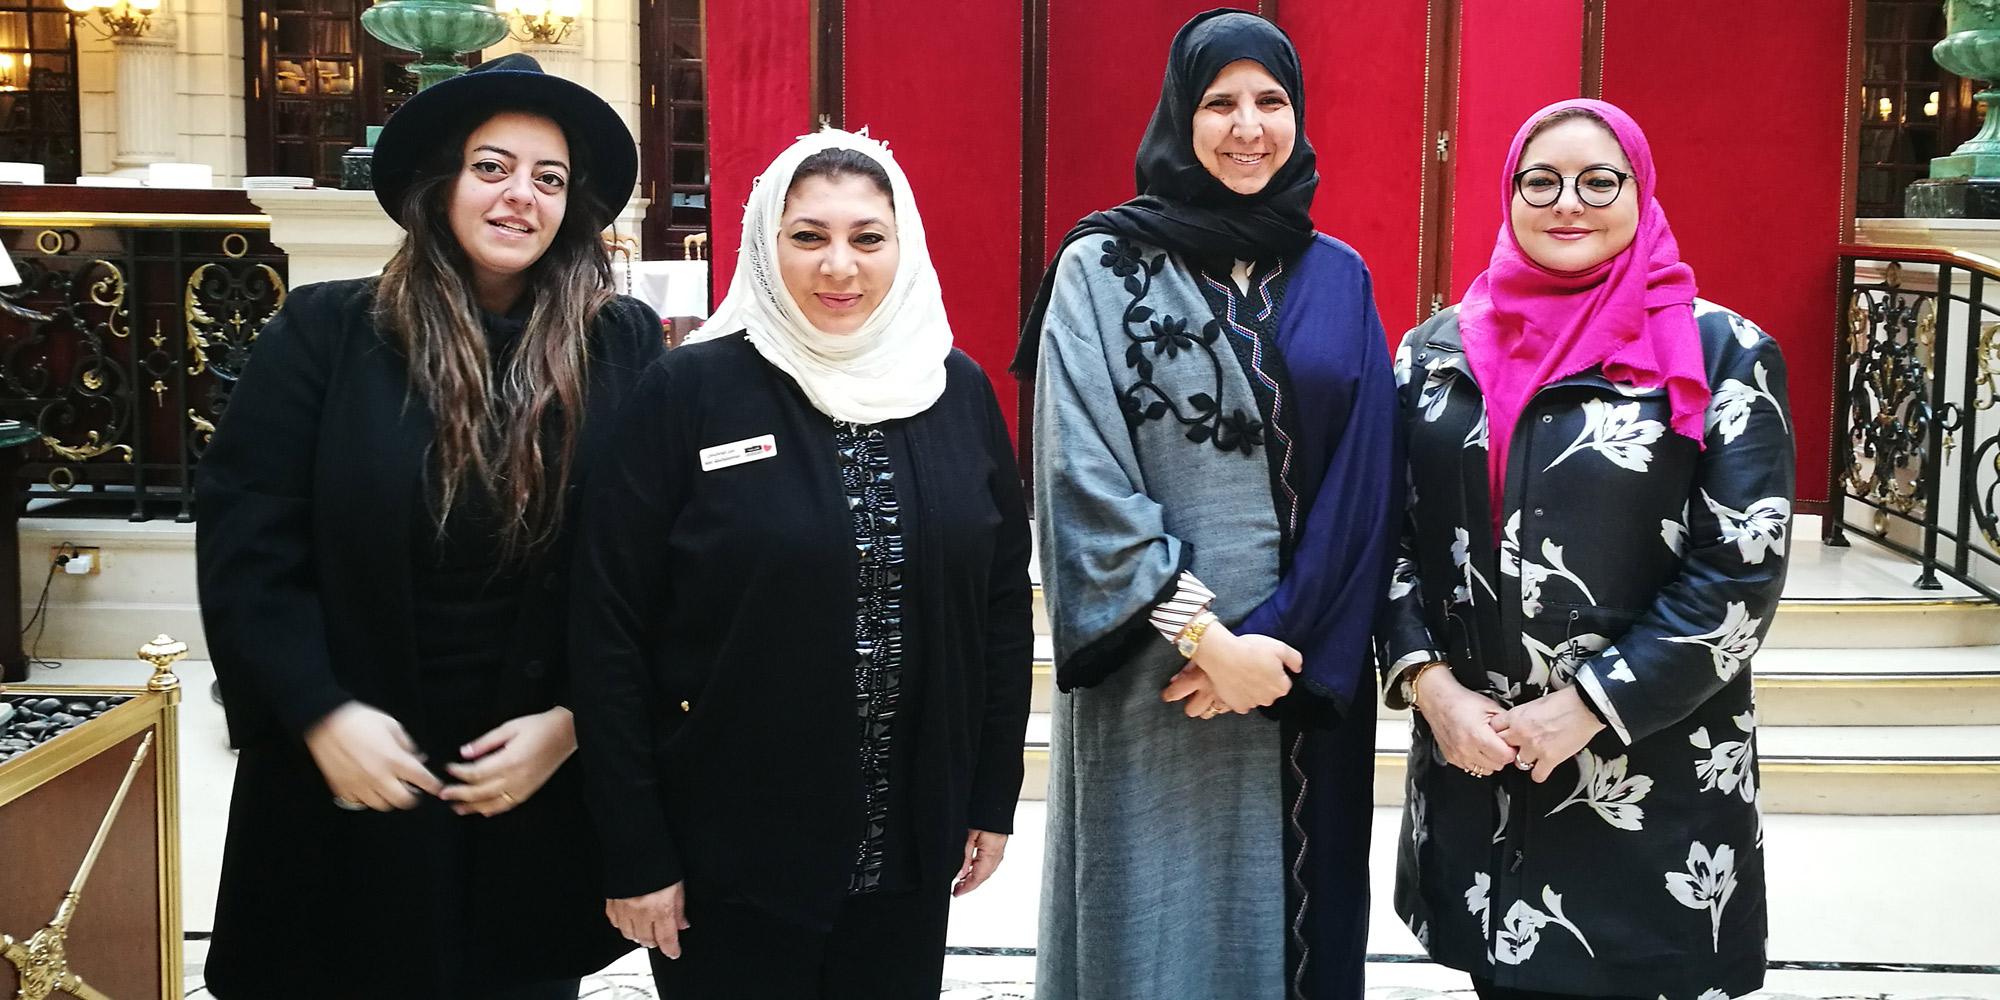 Arabie Saoudite – La situation des minorités sexuelles et de genre.